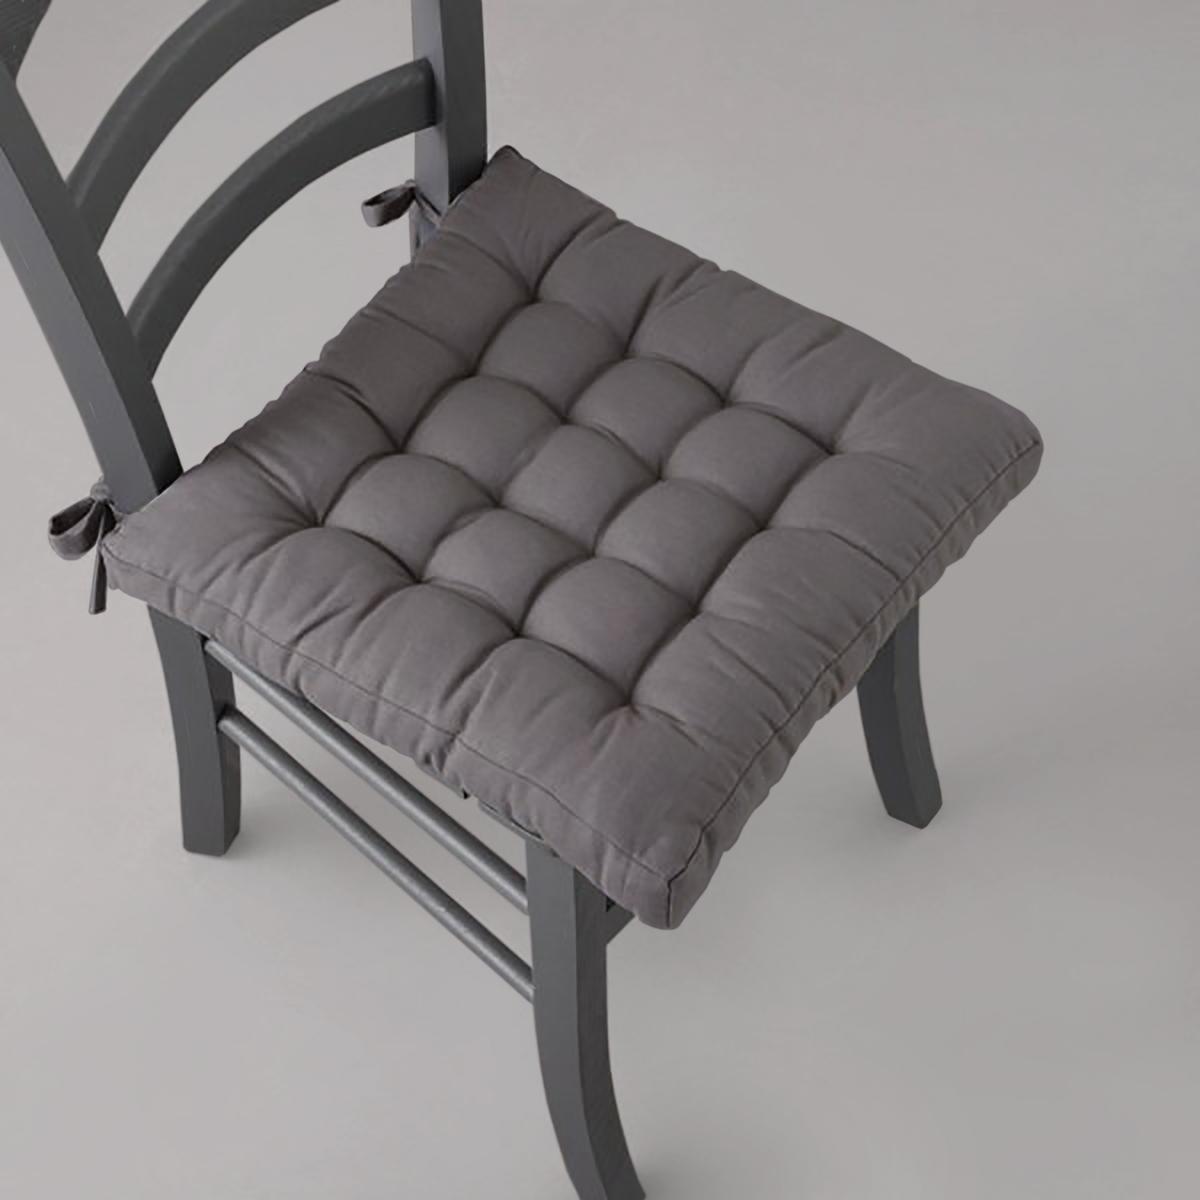 Подушка для стулаКрасивая, мягкая и удобная подушка для стула SCENARIO: различные цвета для интерьерных решений! Характеристики подушки для стула:-  ВЫСОКОЕ КАЧЕСТВО изготовления и отделки.- Верх из прочного и легкого в уходе полотна, 100% хлопка (220 г/м?). - Наполнитель: 100% хлопка, толщина 3 см. - Крепится на стул с помощью завязок. 68 x 140 см: 40 x 40 см. Сертификат Oeko-Tex® дает гарантию того, что товары изготовлены без применения химических средств и не представляют опасности для здоровья человека.Серию чехлов и подушек для стульев, банкеток, кресел и диванов различных цветов Вы найдете на сайте laredoute.ru. Отличный способ освежить интерьер!<br><br>Цвет: антрацит,белый,рубиново-красный,серо-коричневый каштан,сине-зеленый,сливовый